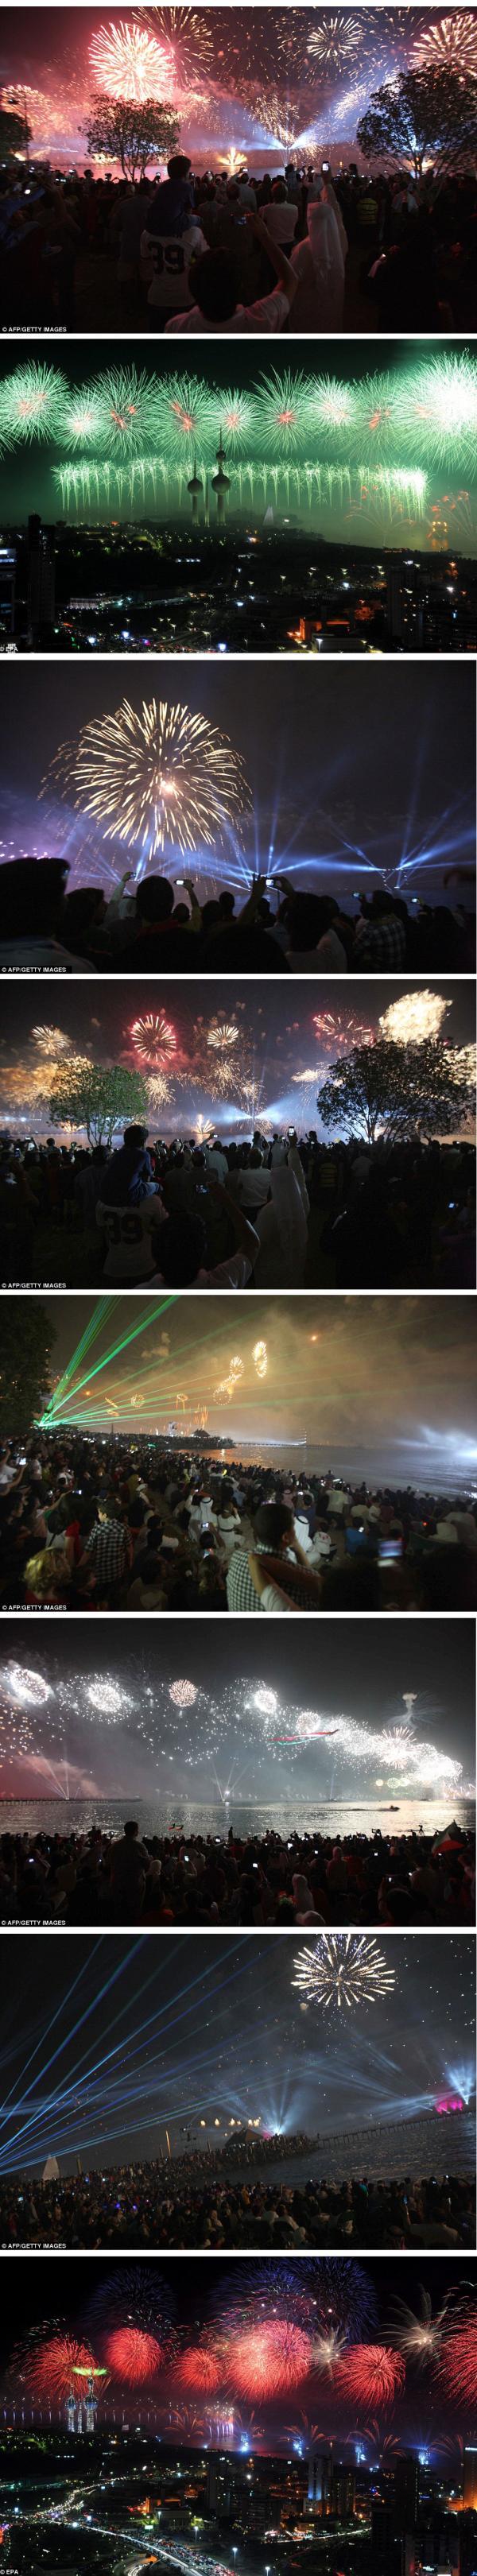 احتفالات الكويت بيوم الدستور